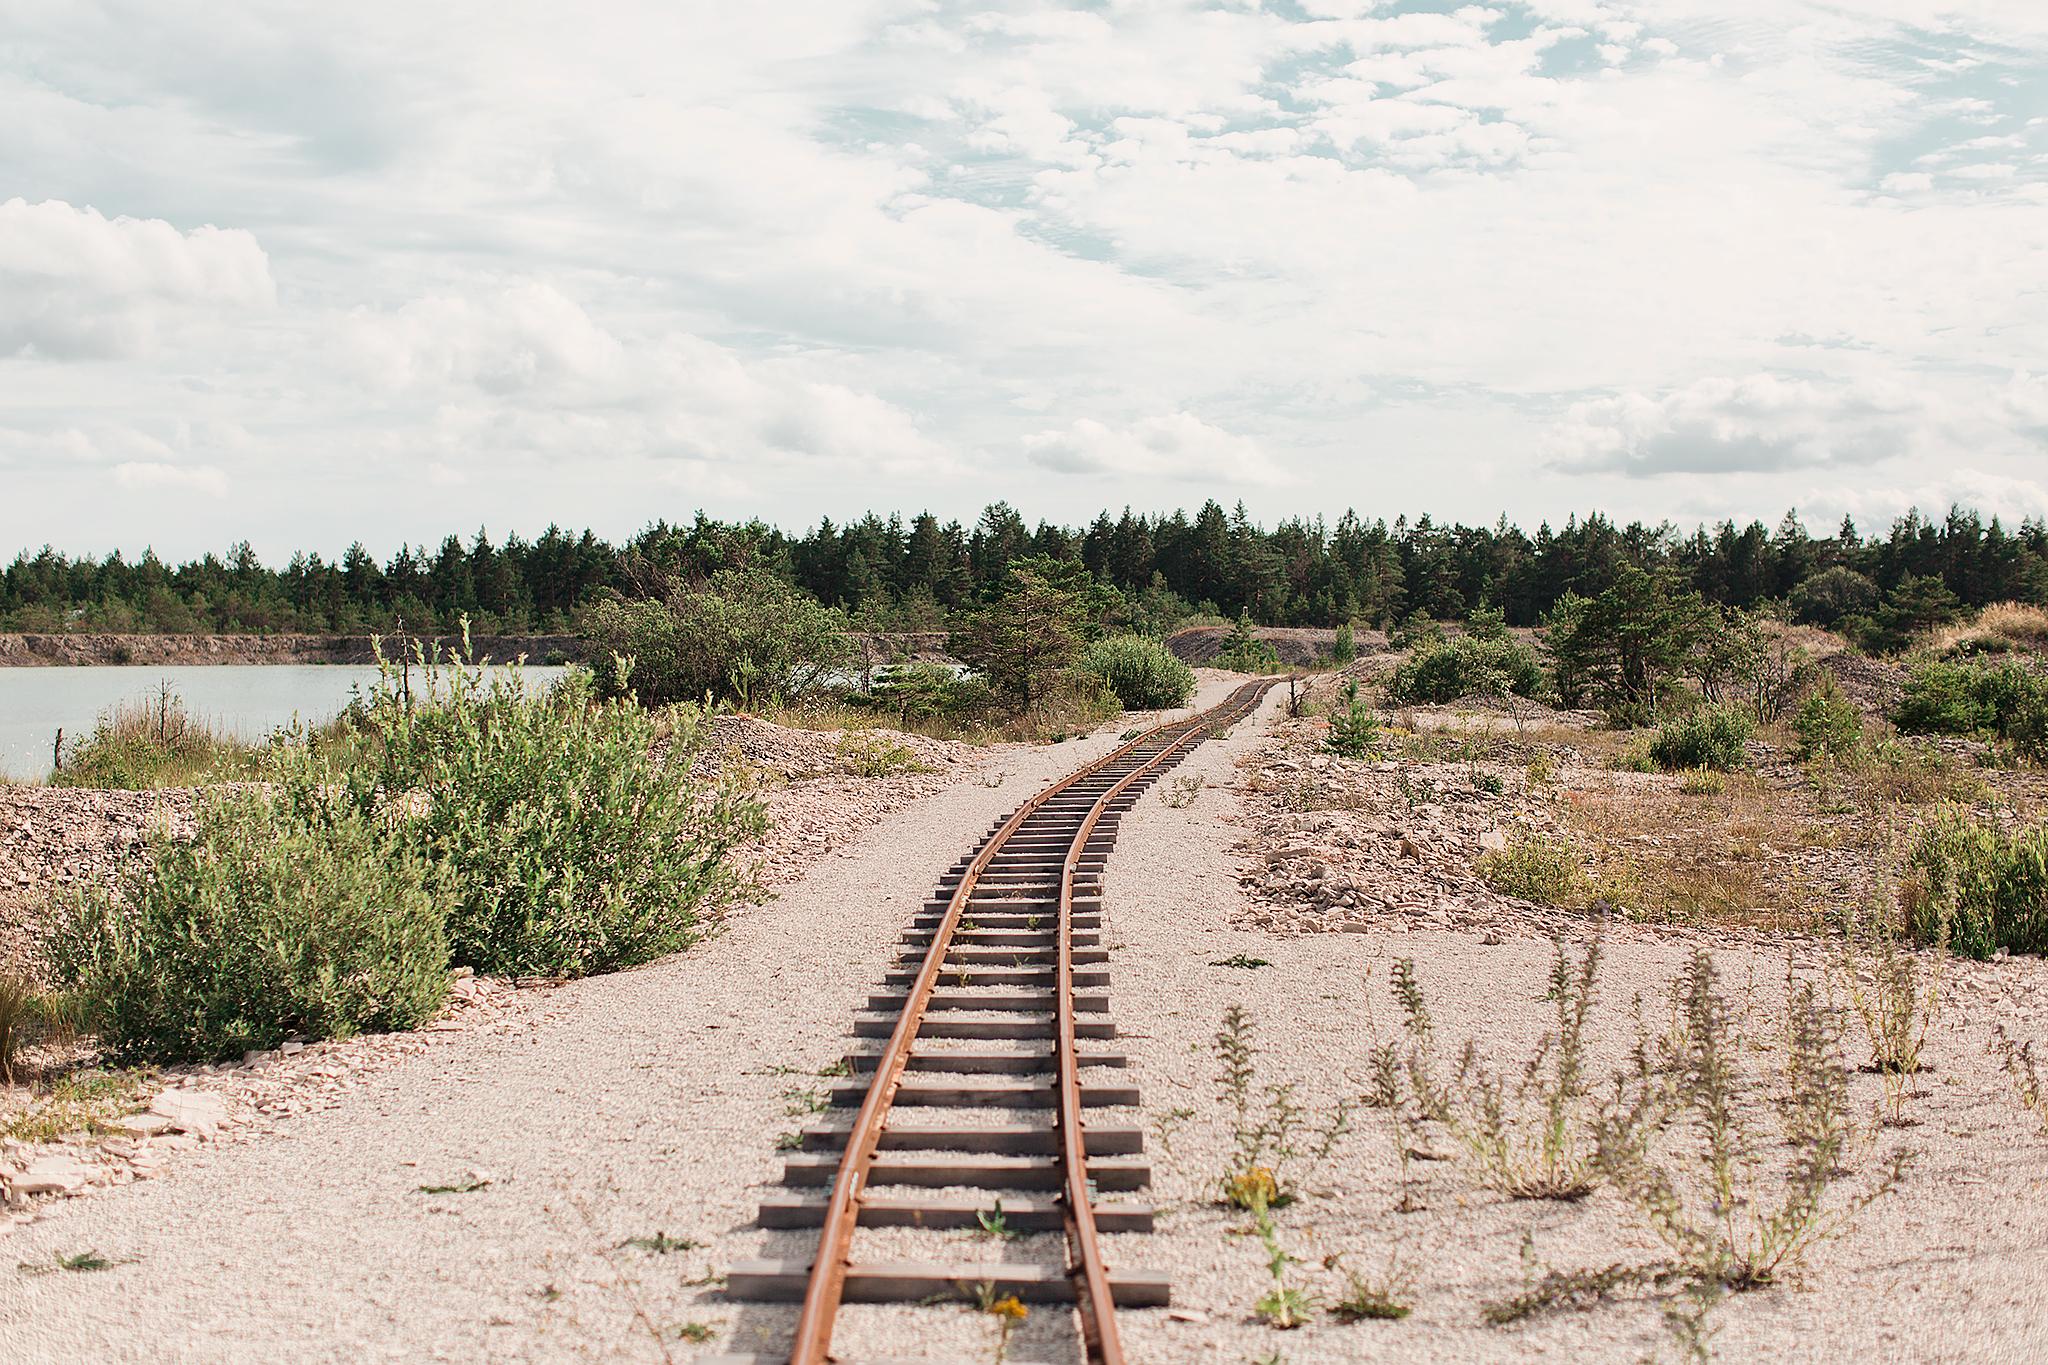 Resedagbok Gotland: Bläse kalkbrott